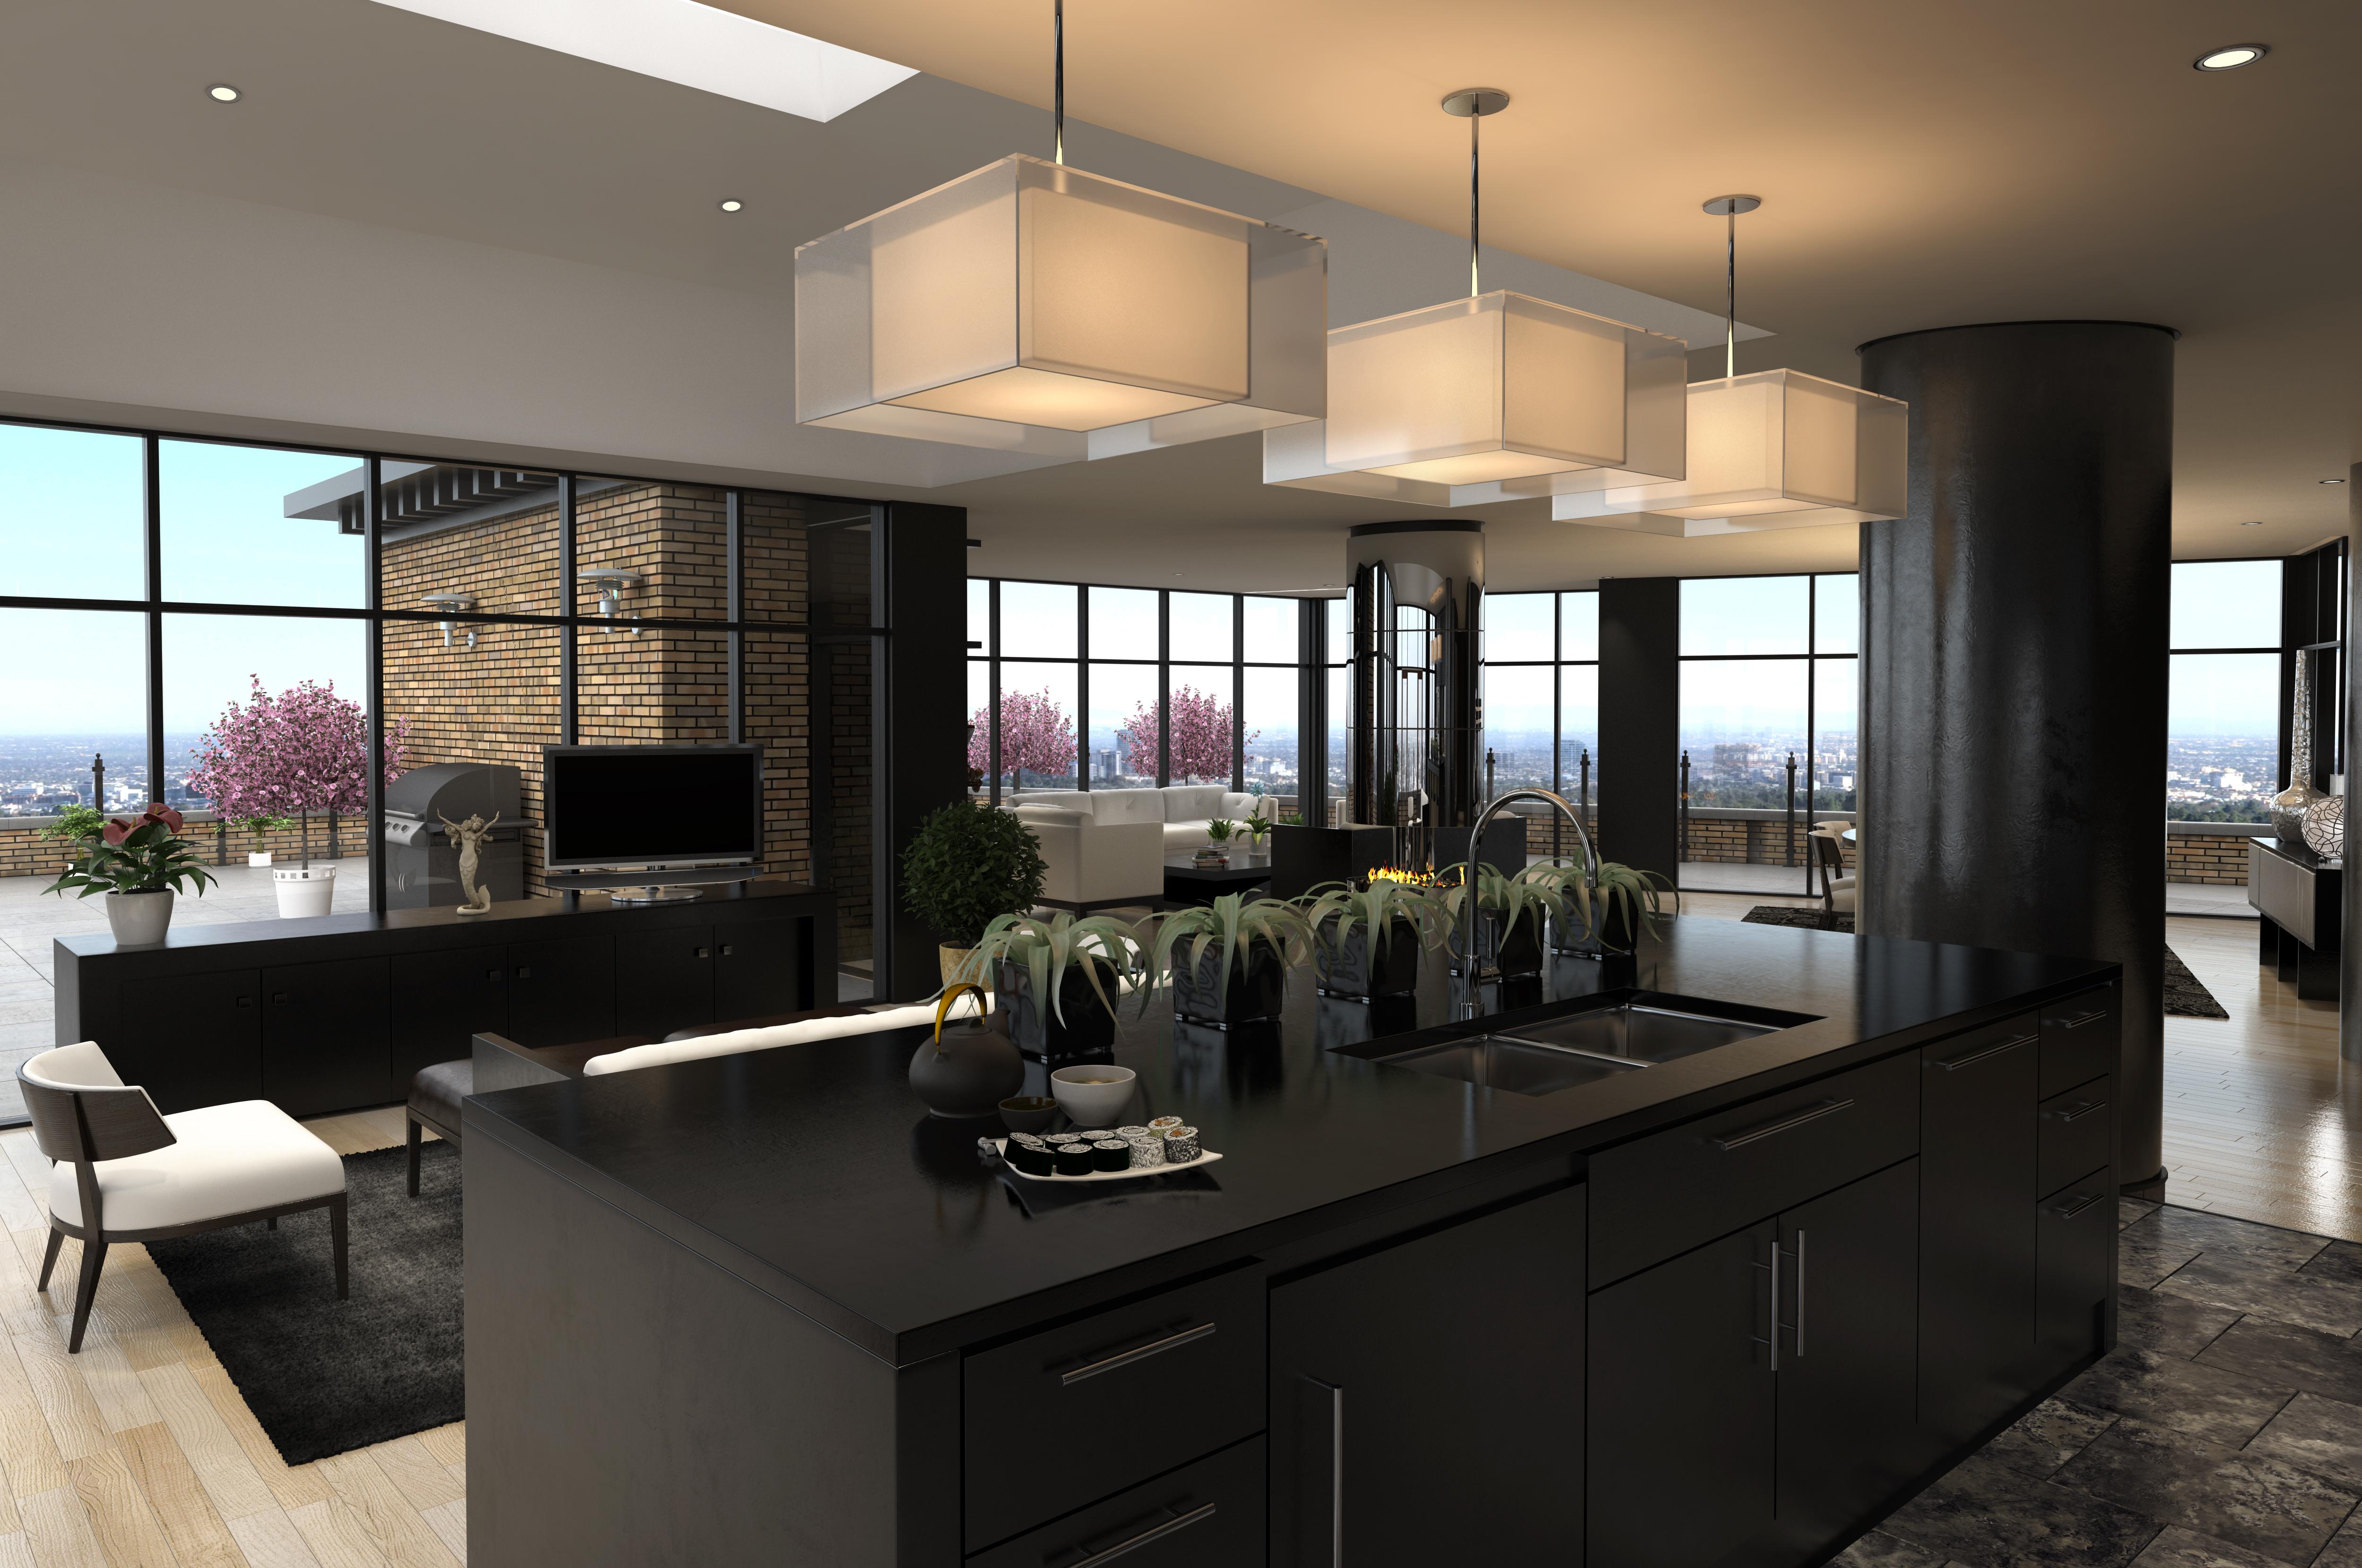 Sei idee per progettare una cucina moderna con isola centrale ...